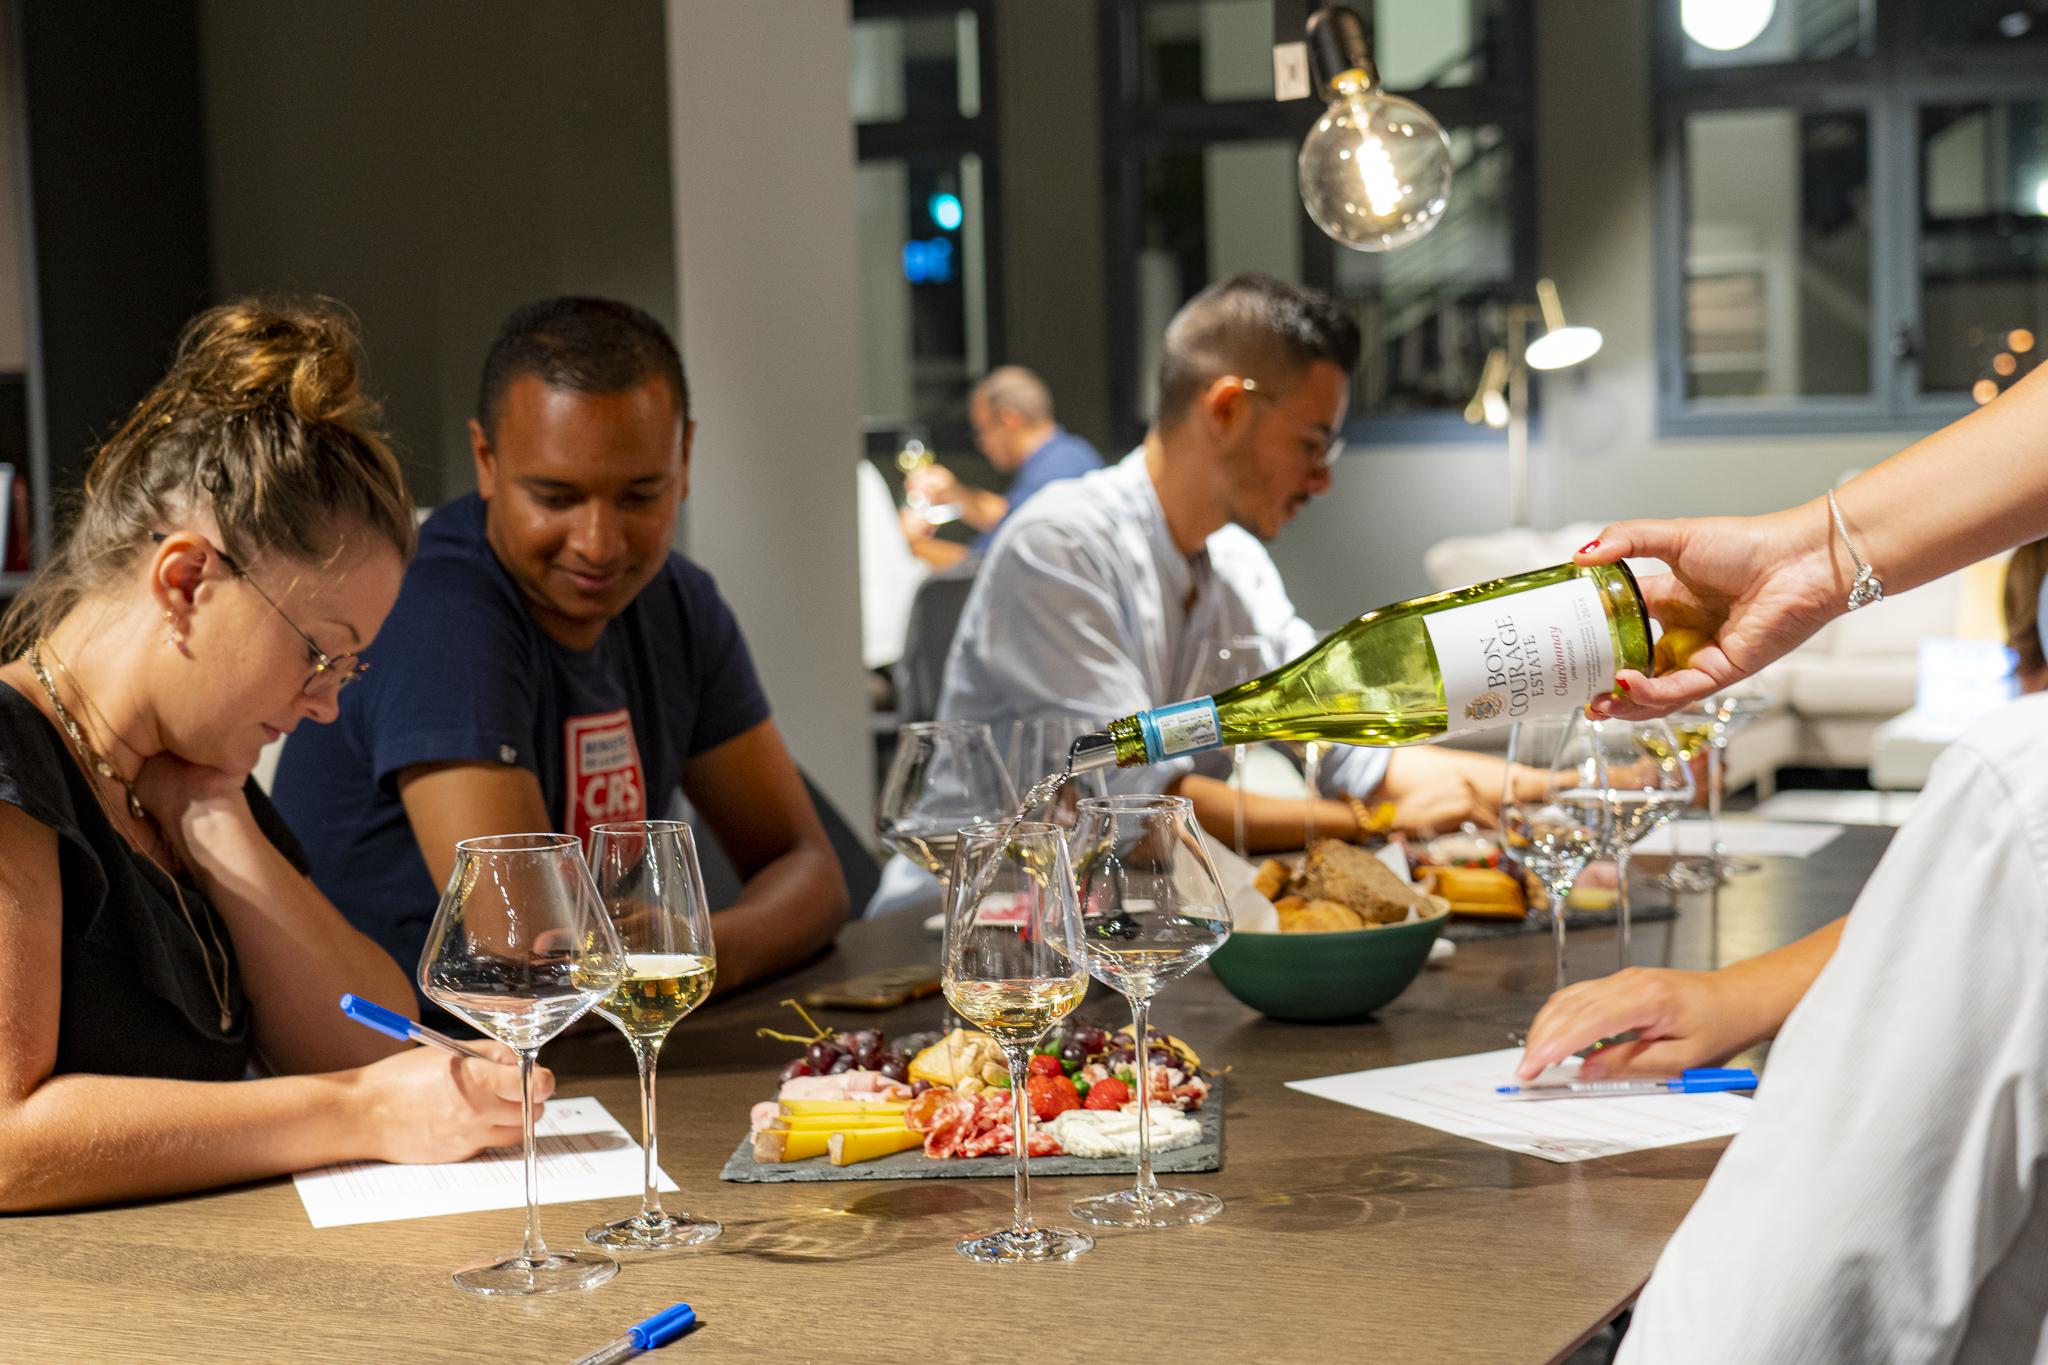 Dégustation BoConcept - Echanges autour des vins dégustés